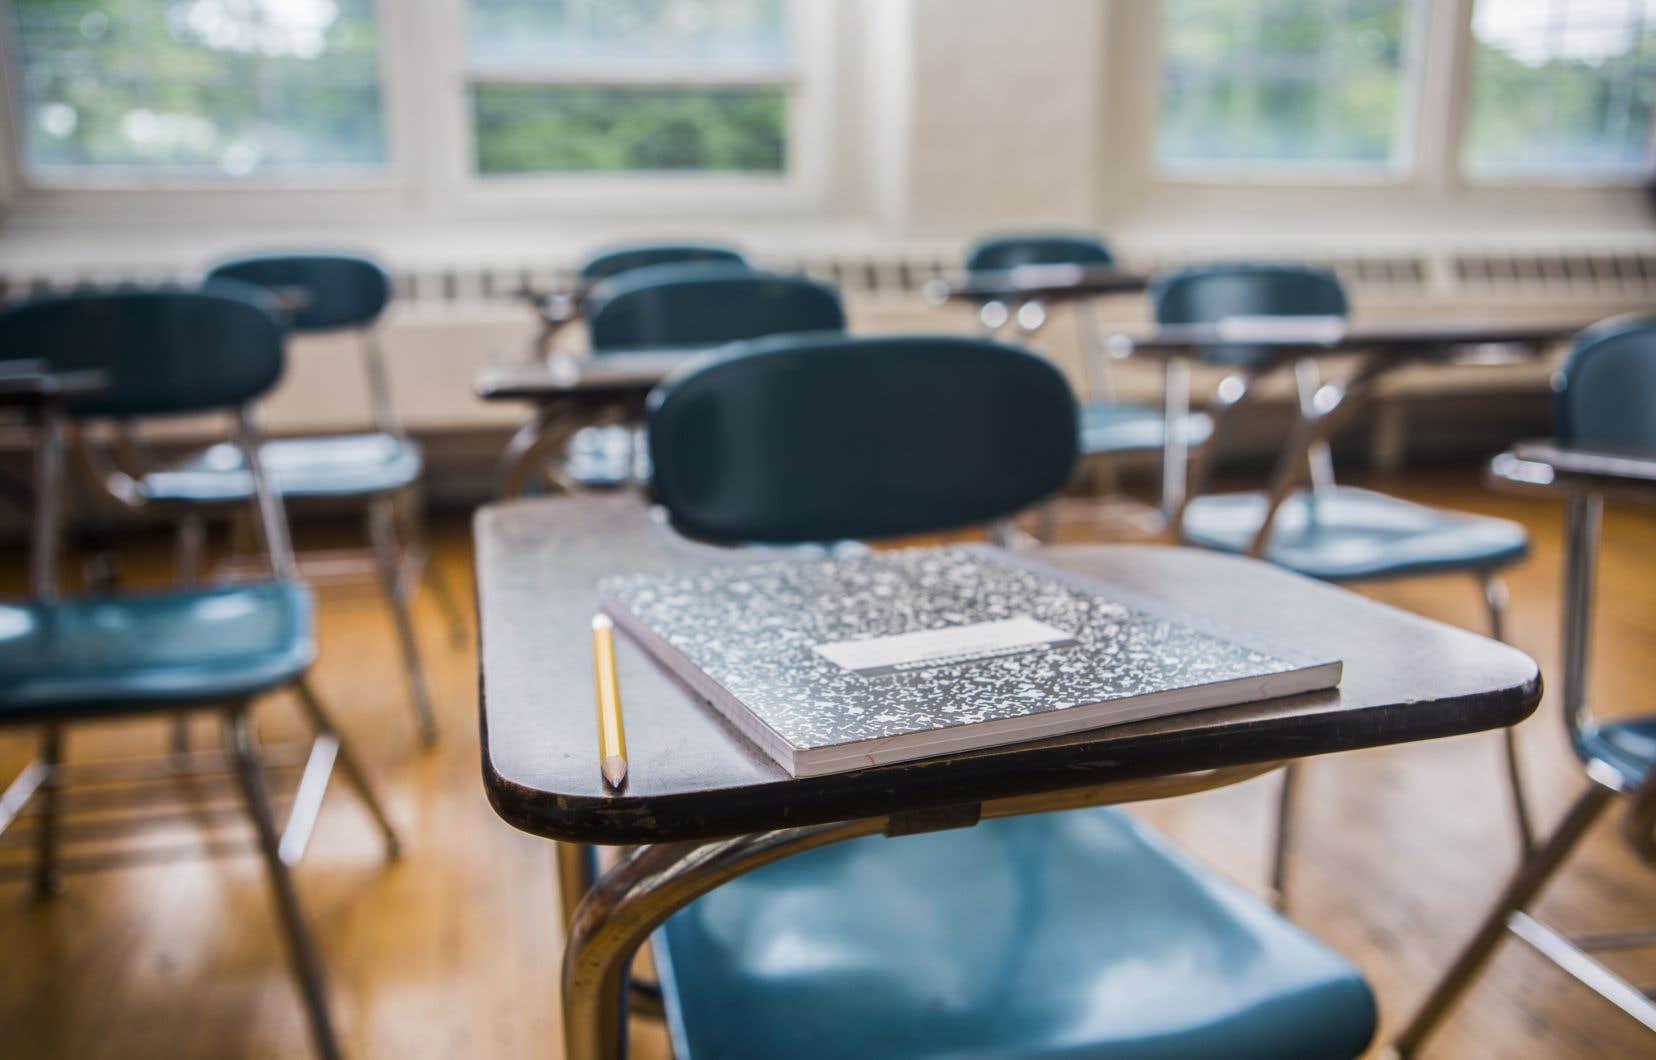 Sept classes avaient déjà été fermées par la Direction régionale de la santé publique, selon un courriel datant de mardi envoyé aux parents, que «Le Devoir» a consulté.